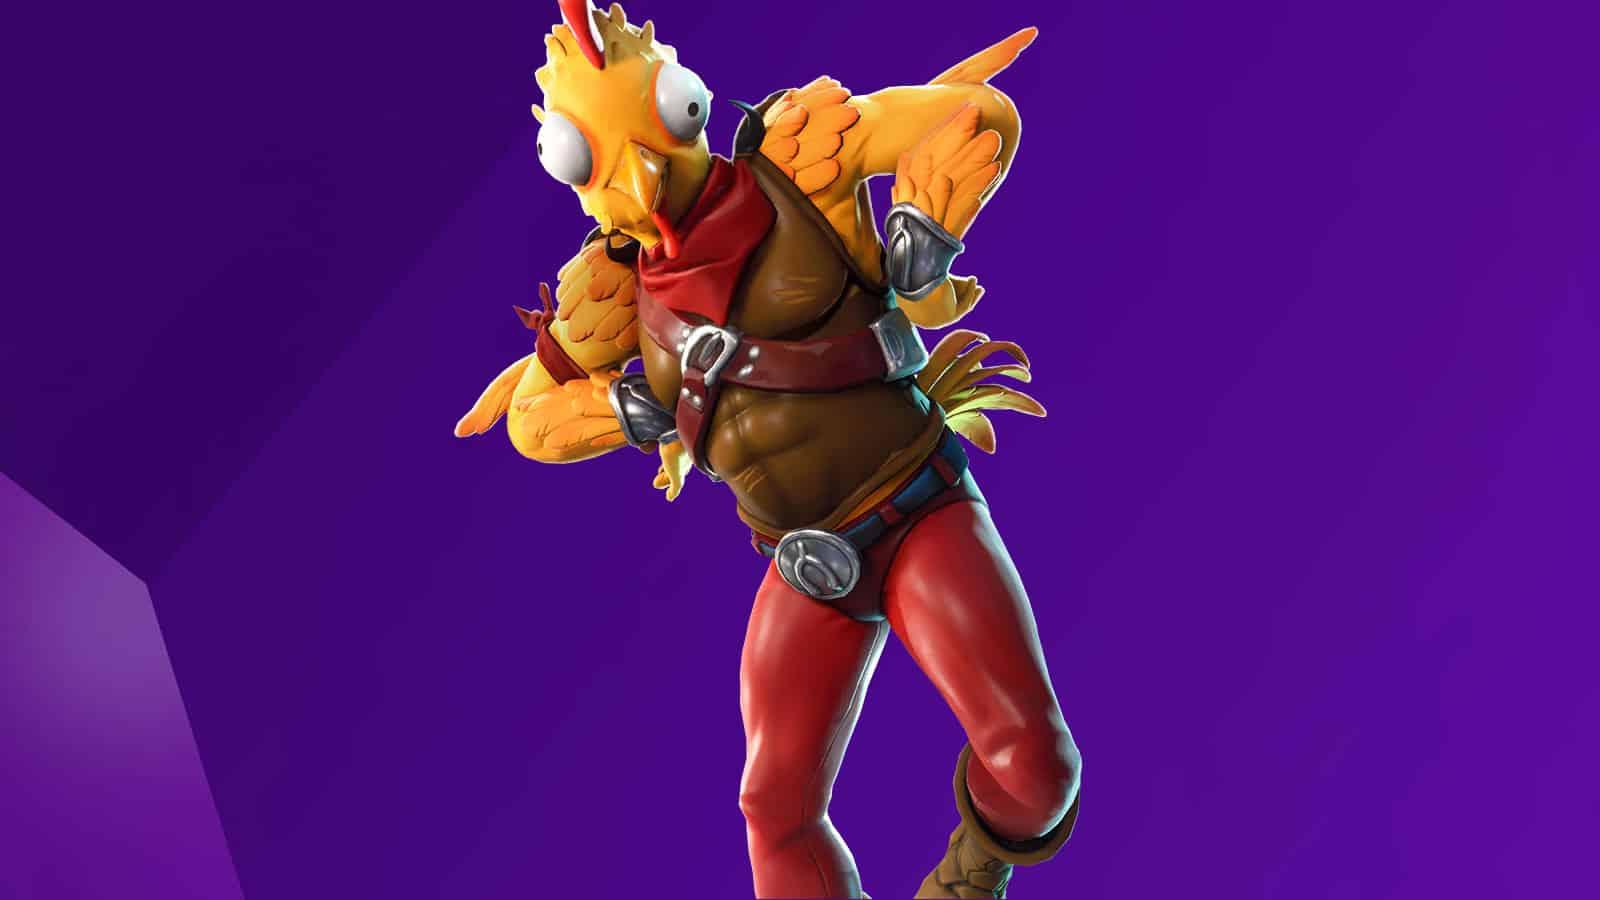 Chicken-Themed Fortnite Skin